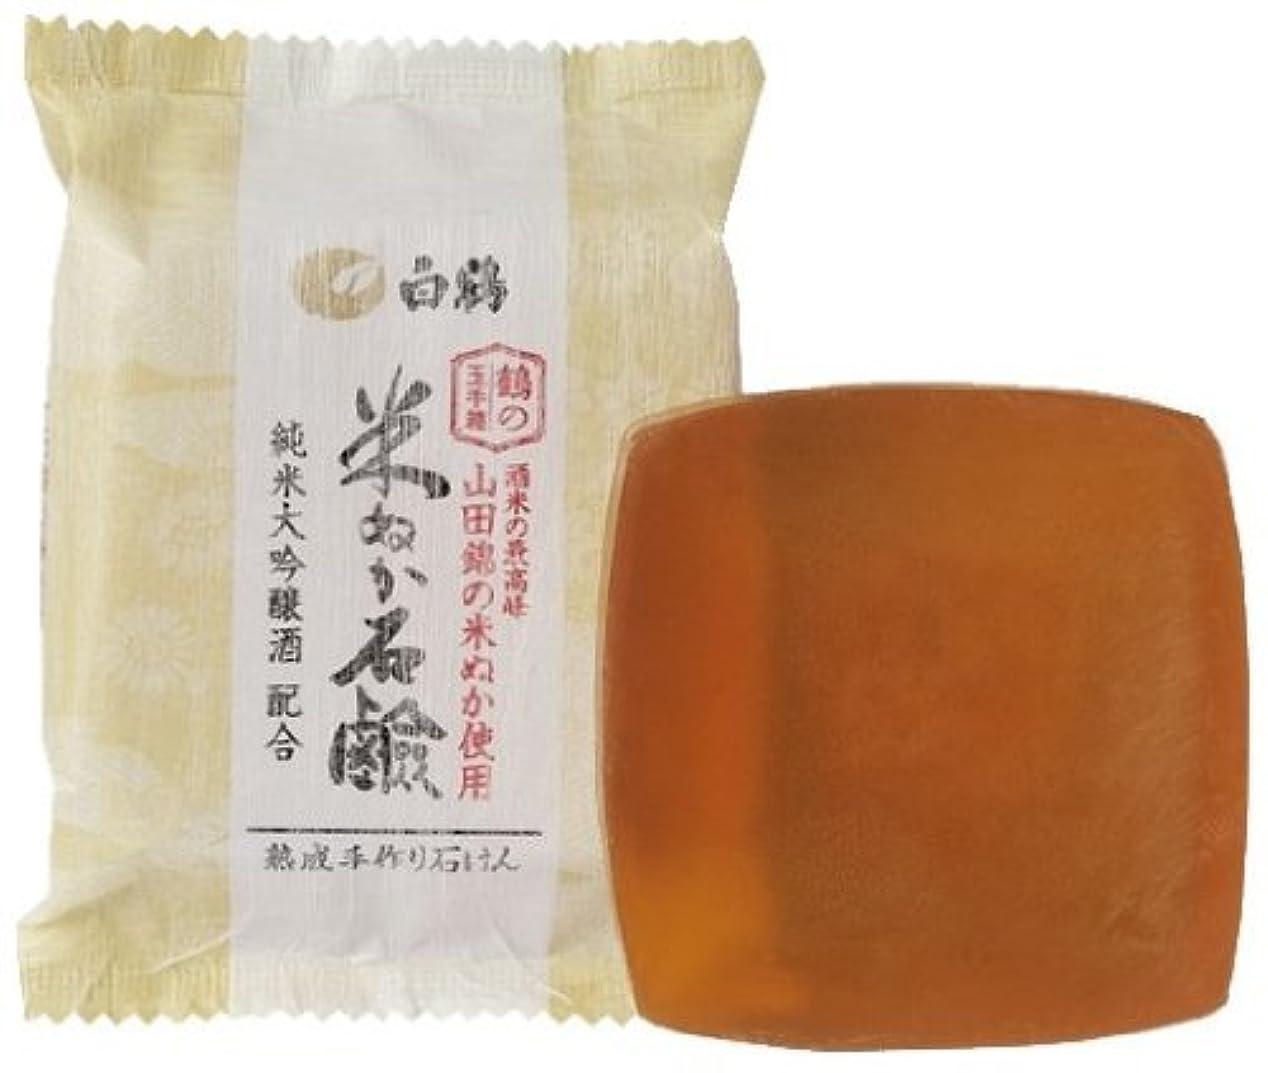 高価なスキルモンク白鶴 鶴の玉手箱 米ぬか石けん 100g × 3個 (純米大吟醸 山田錦の米ぬか配合)